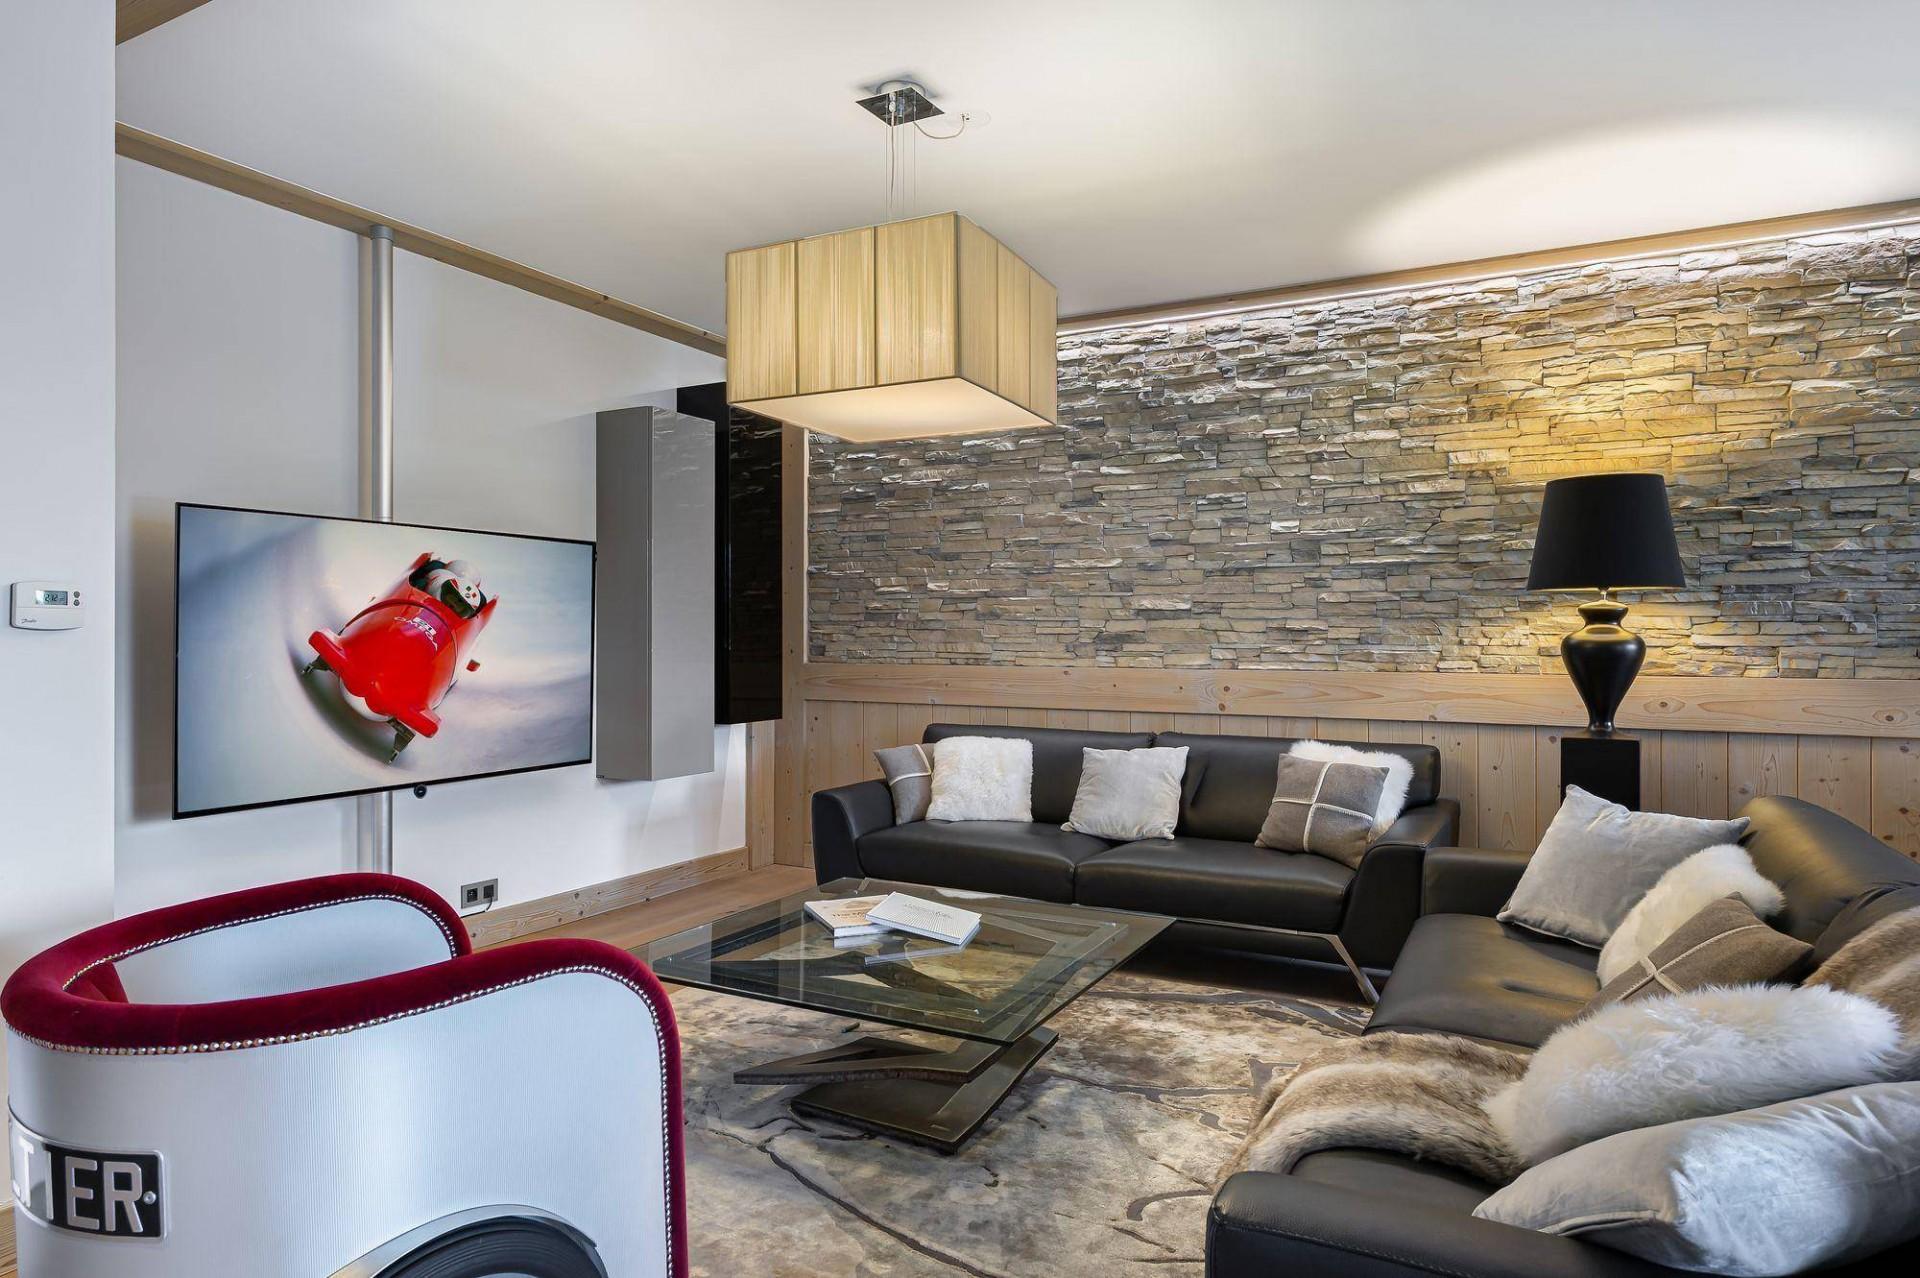 Courchevel 1550 Location Appartement Luxe Telimite Séjour 3